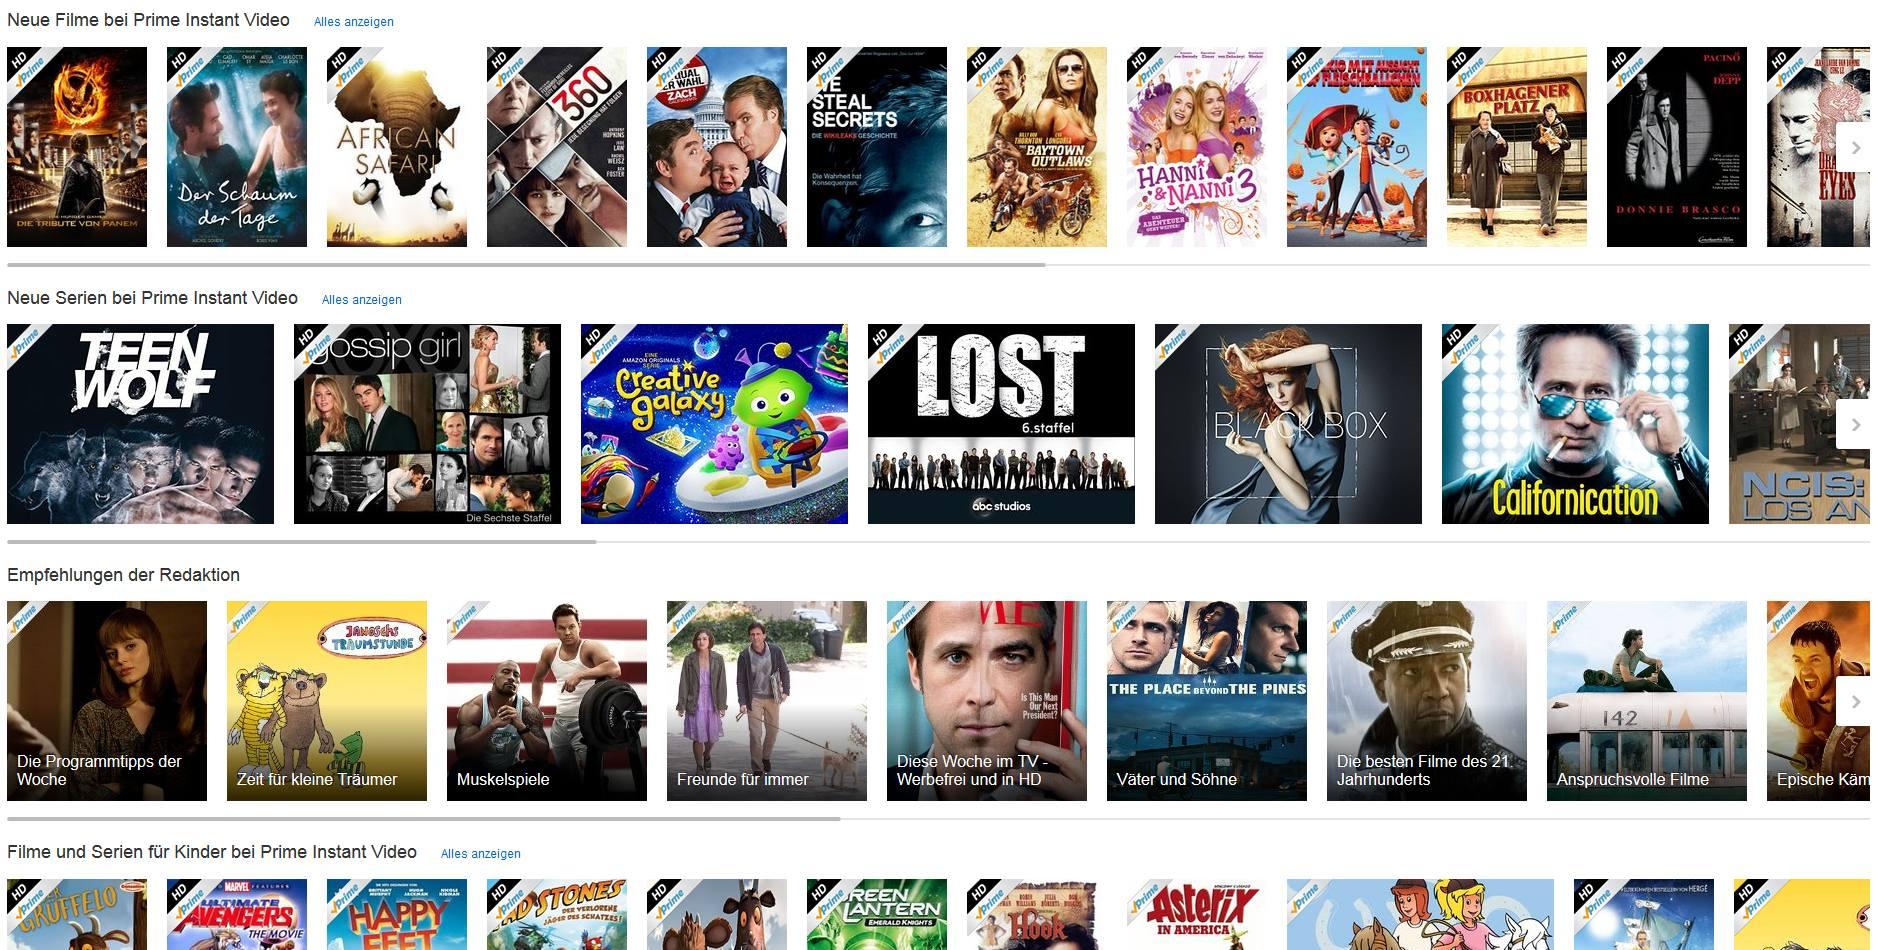 Amazon instant video filme und serien ohne ende der praxistest